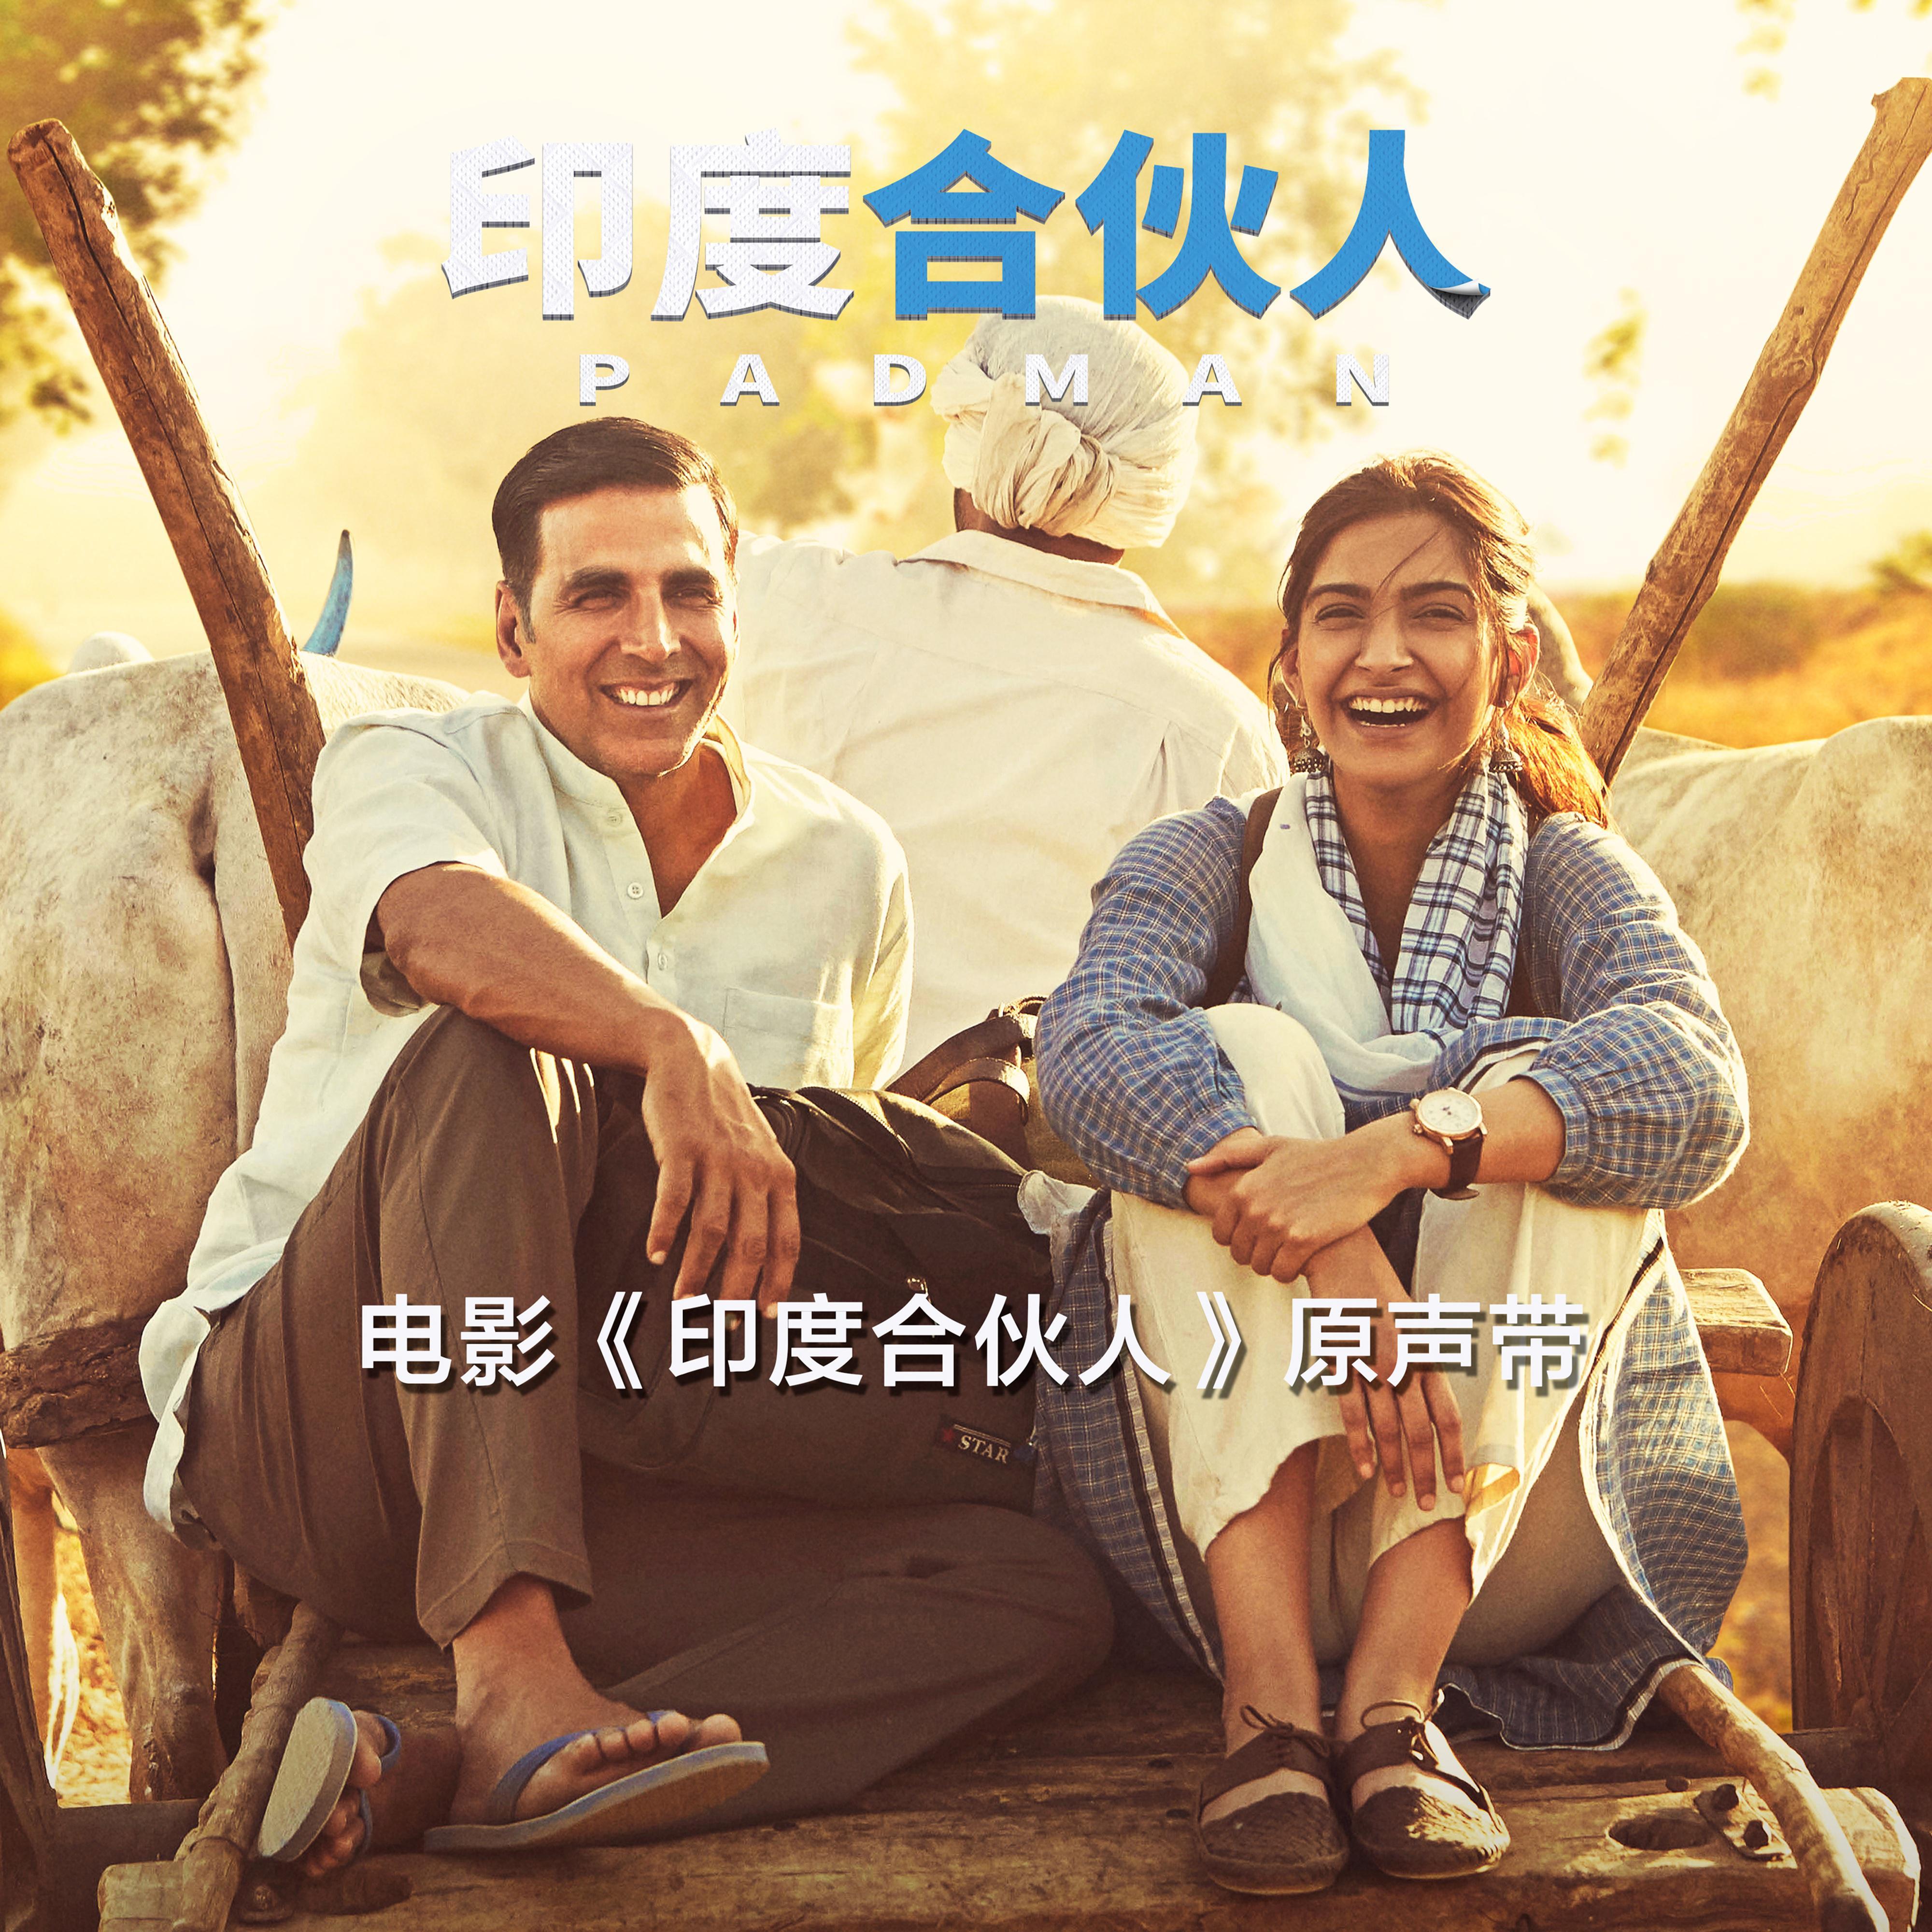 瑩鍍 - 歌单 - 网易云音乐